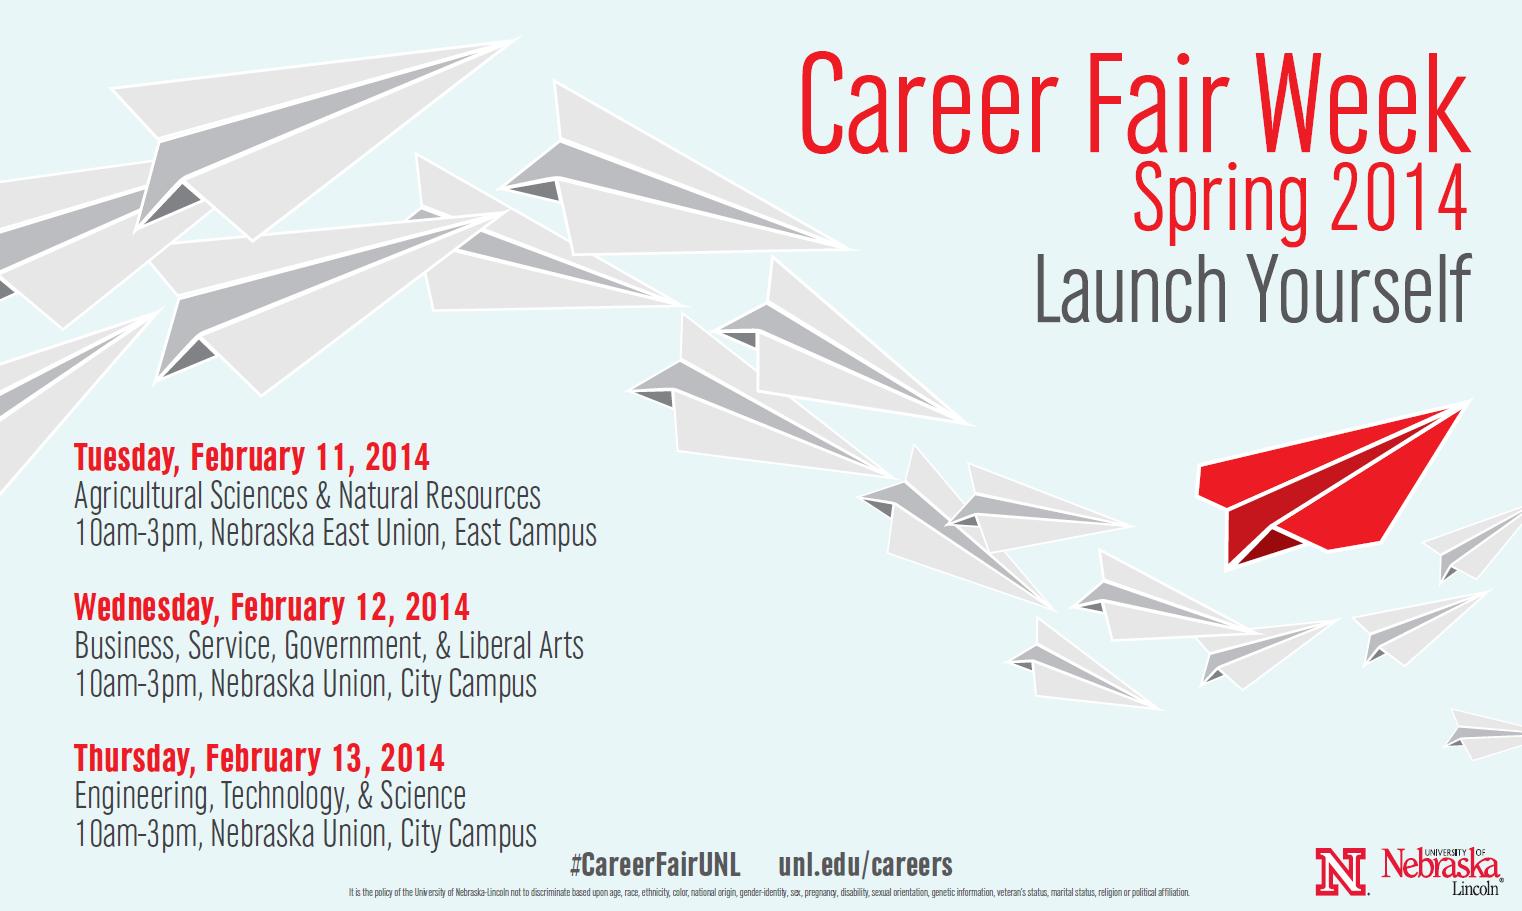 Career Fair Week Spring 2014